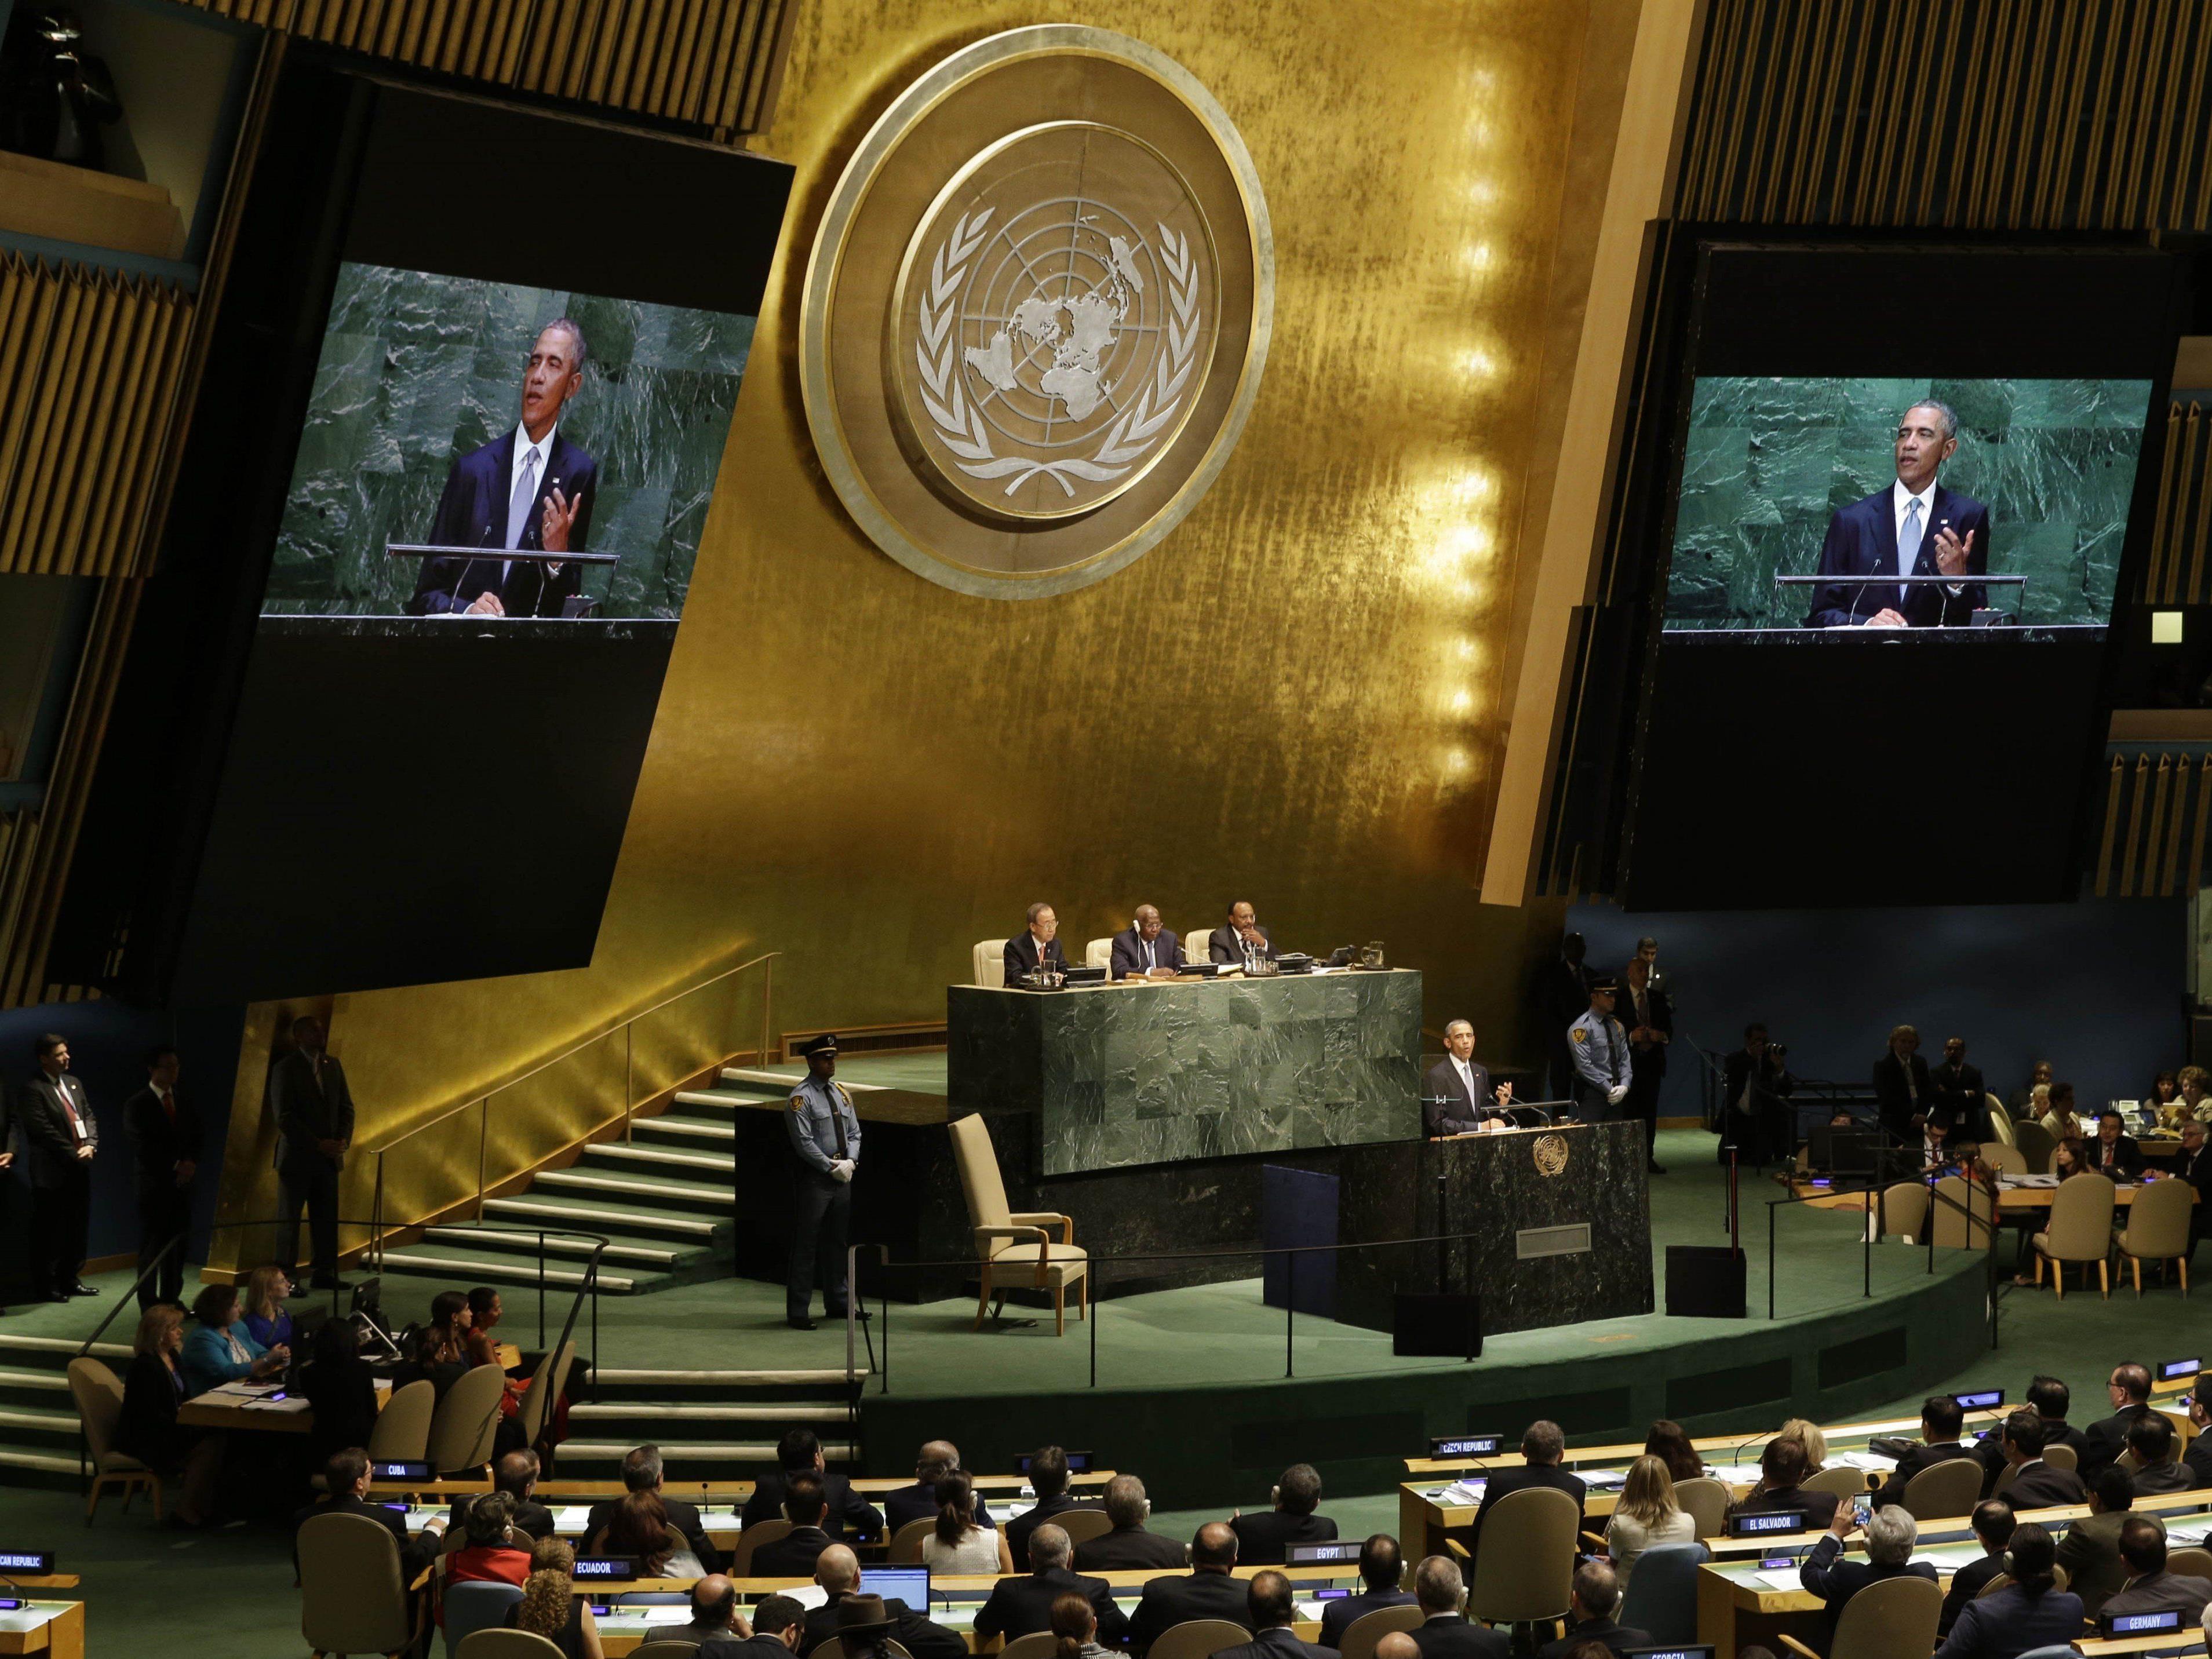 UNO-Generalversammlung 2015: Papst-Besuch, Nachhaltigkeitsgipfel, Generaldebatte.